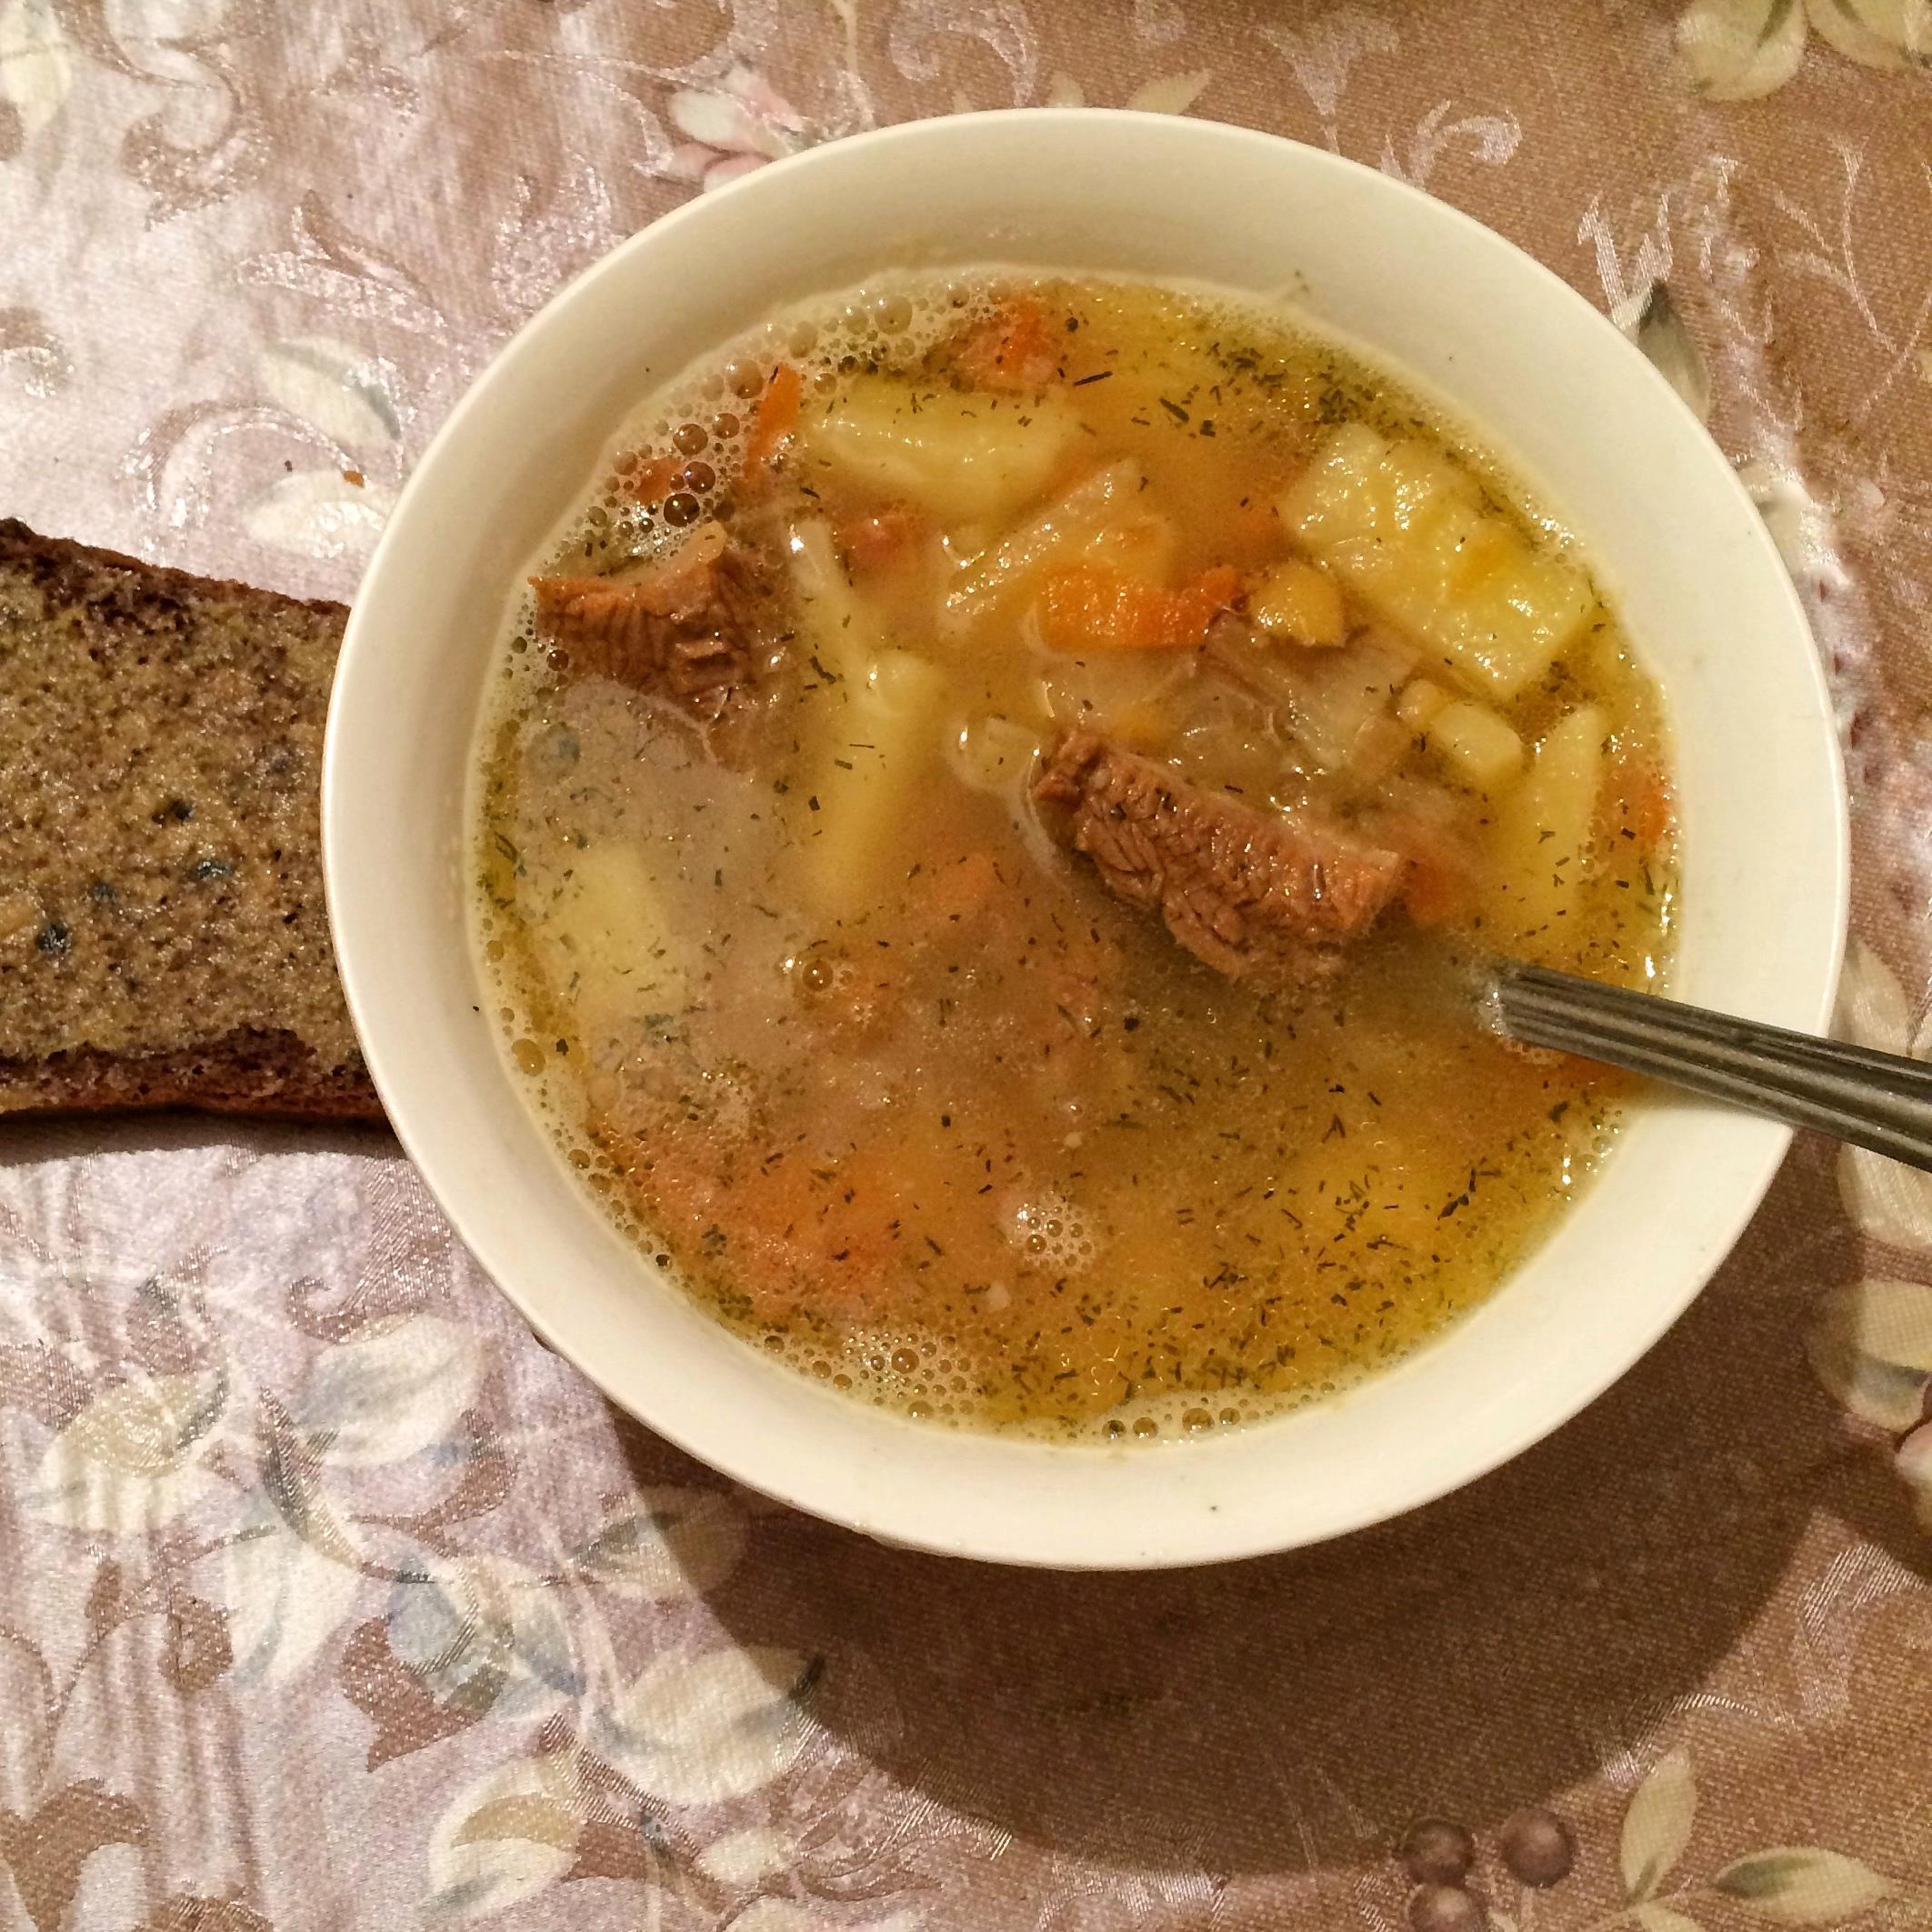 Похудение Ужин Гороховый Суп. Можно ли есть гороховый суп при похудении